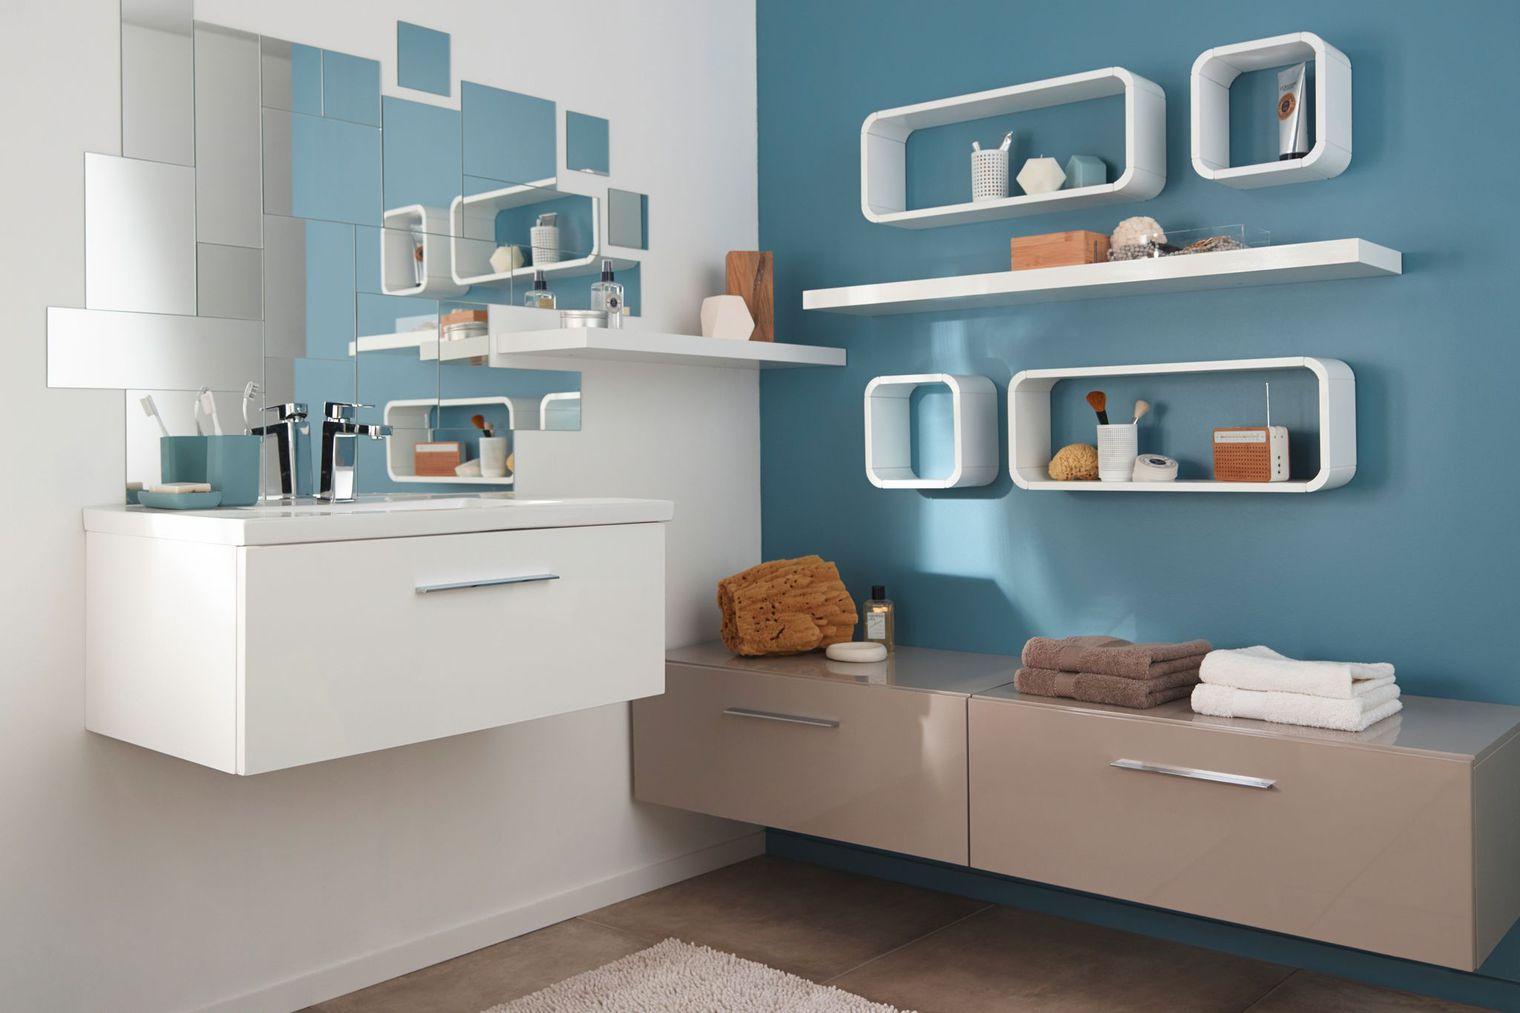 10 Idées Pour Décorer Sa Salle De Bains Du Sol Au Plafond intérieur Accessoire Decoration Salle De Bain